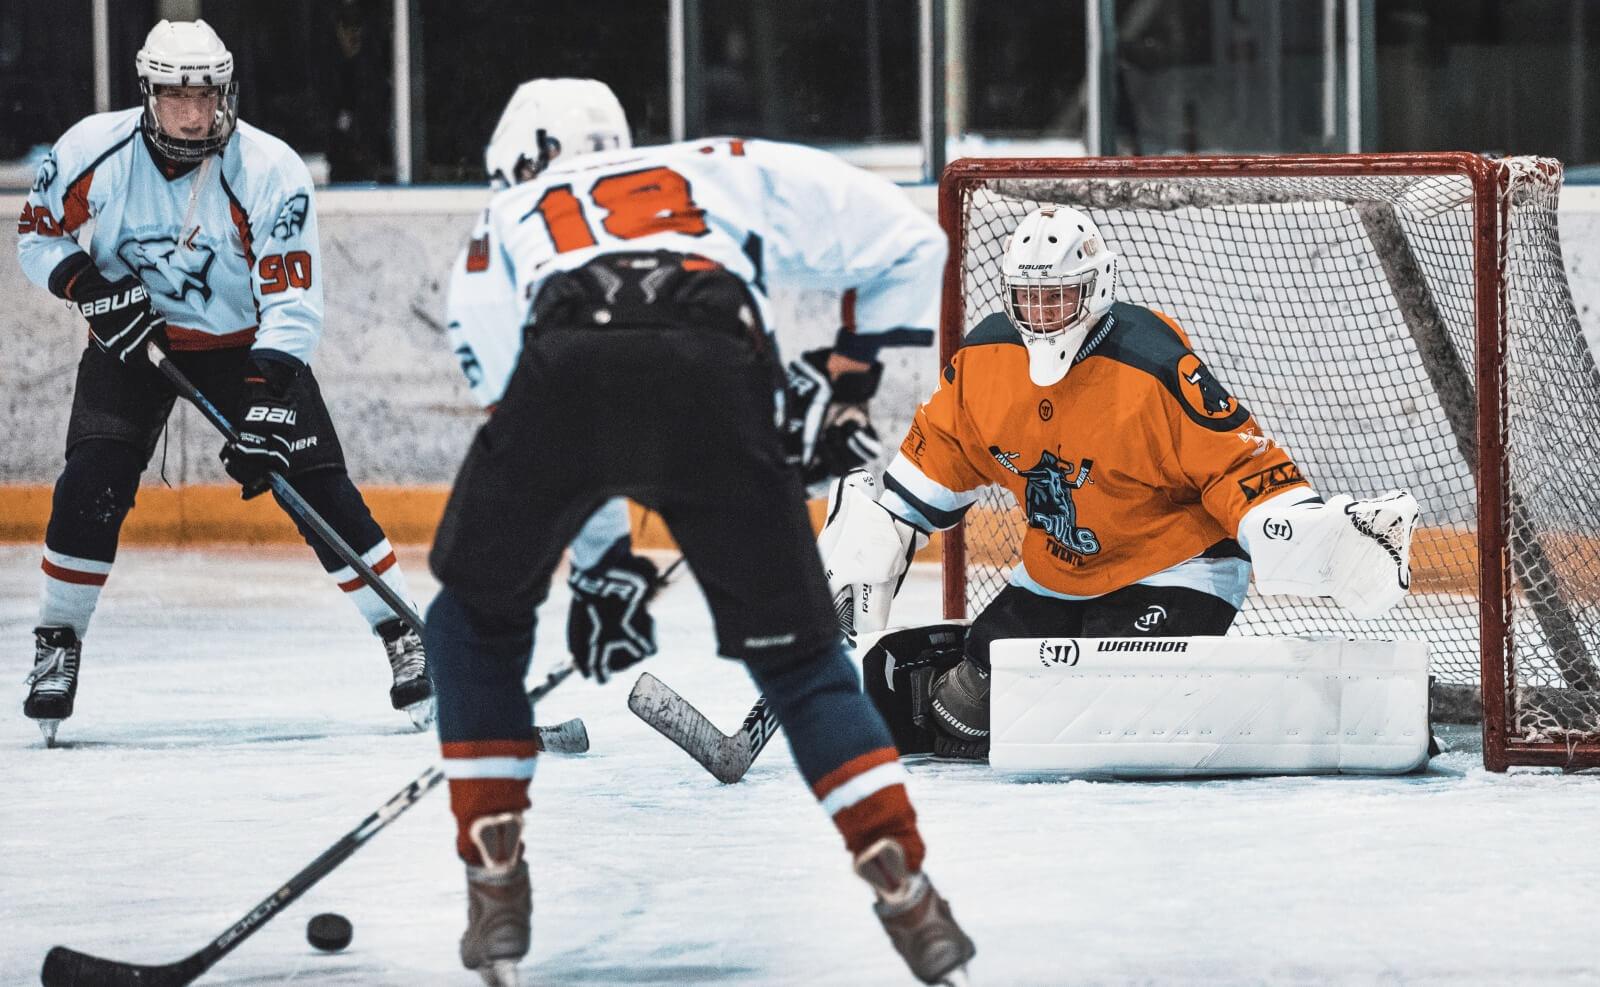 Drie ijshockeyers tijdens een wedstrijd